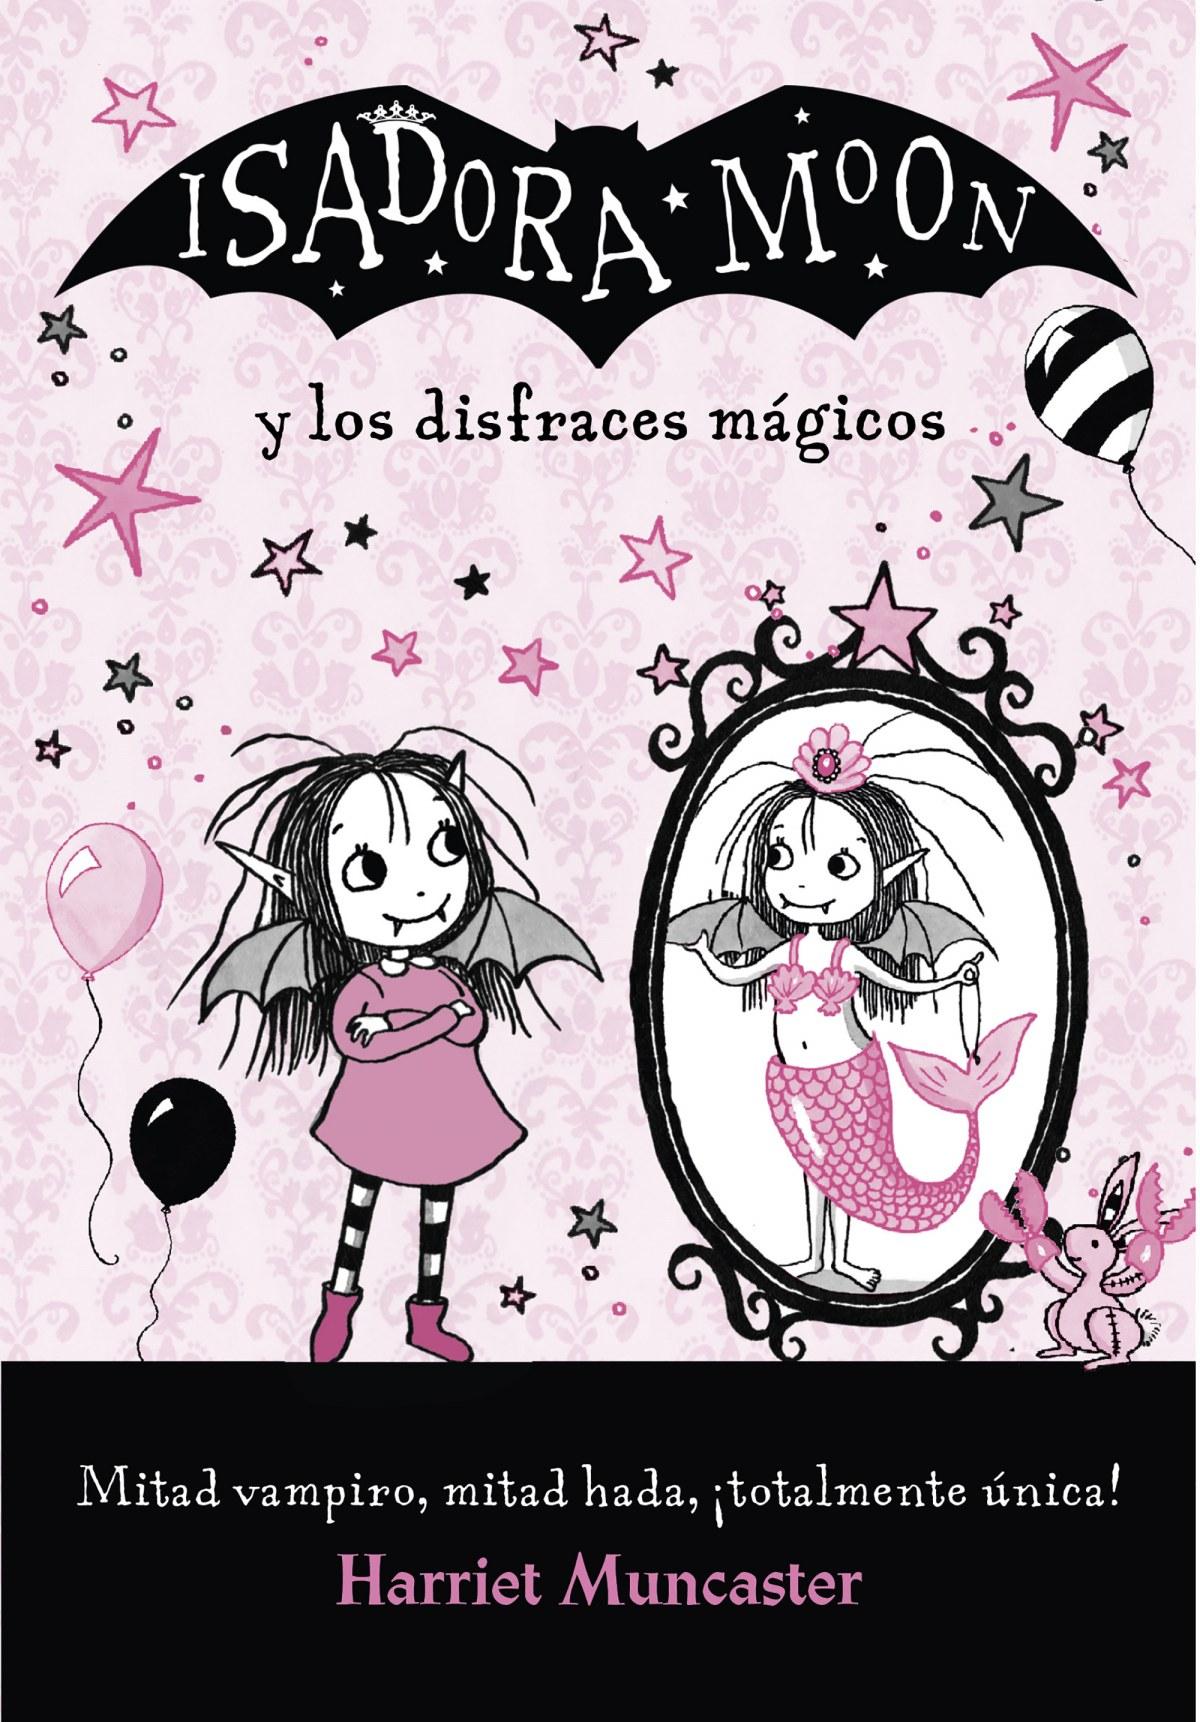 ISADORA MOON Y LOS DISFRACES MAGICOS 9788420487649